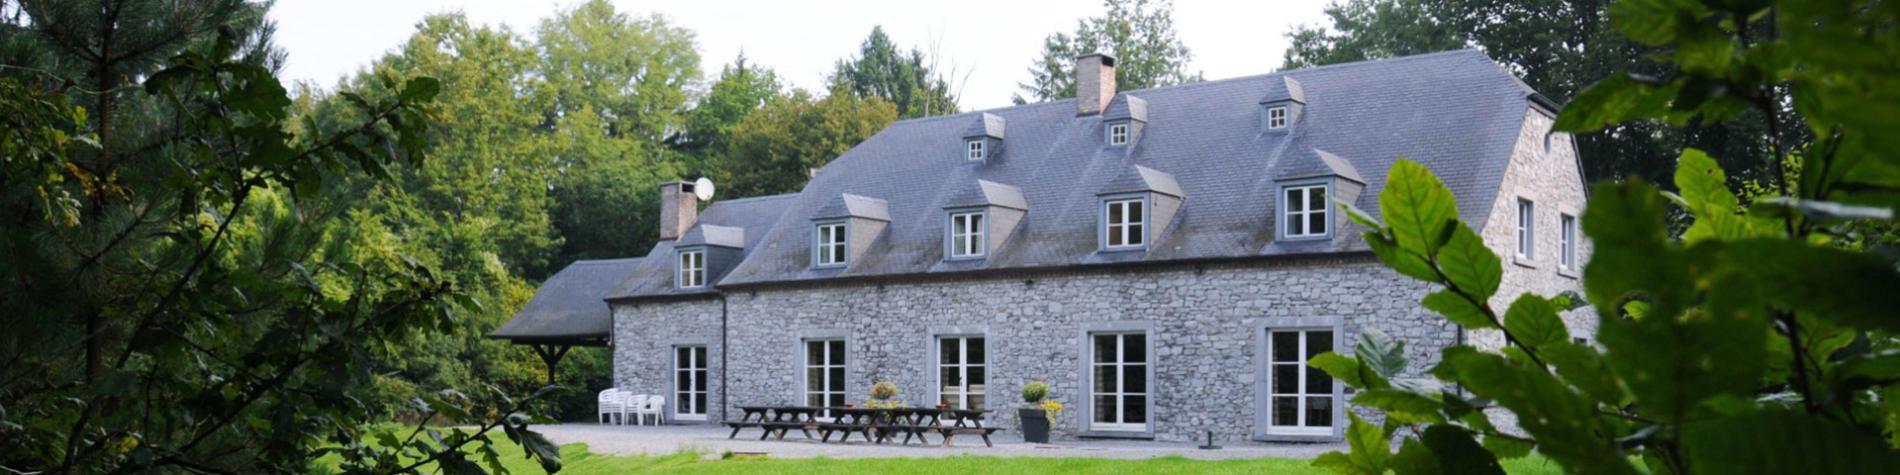 Gîte rural - La Baronnie - Anhée - Maredsous